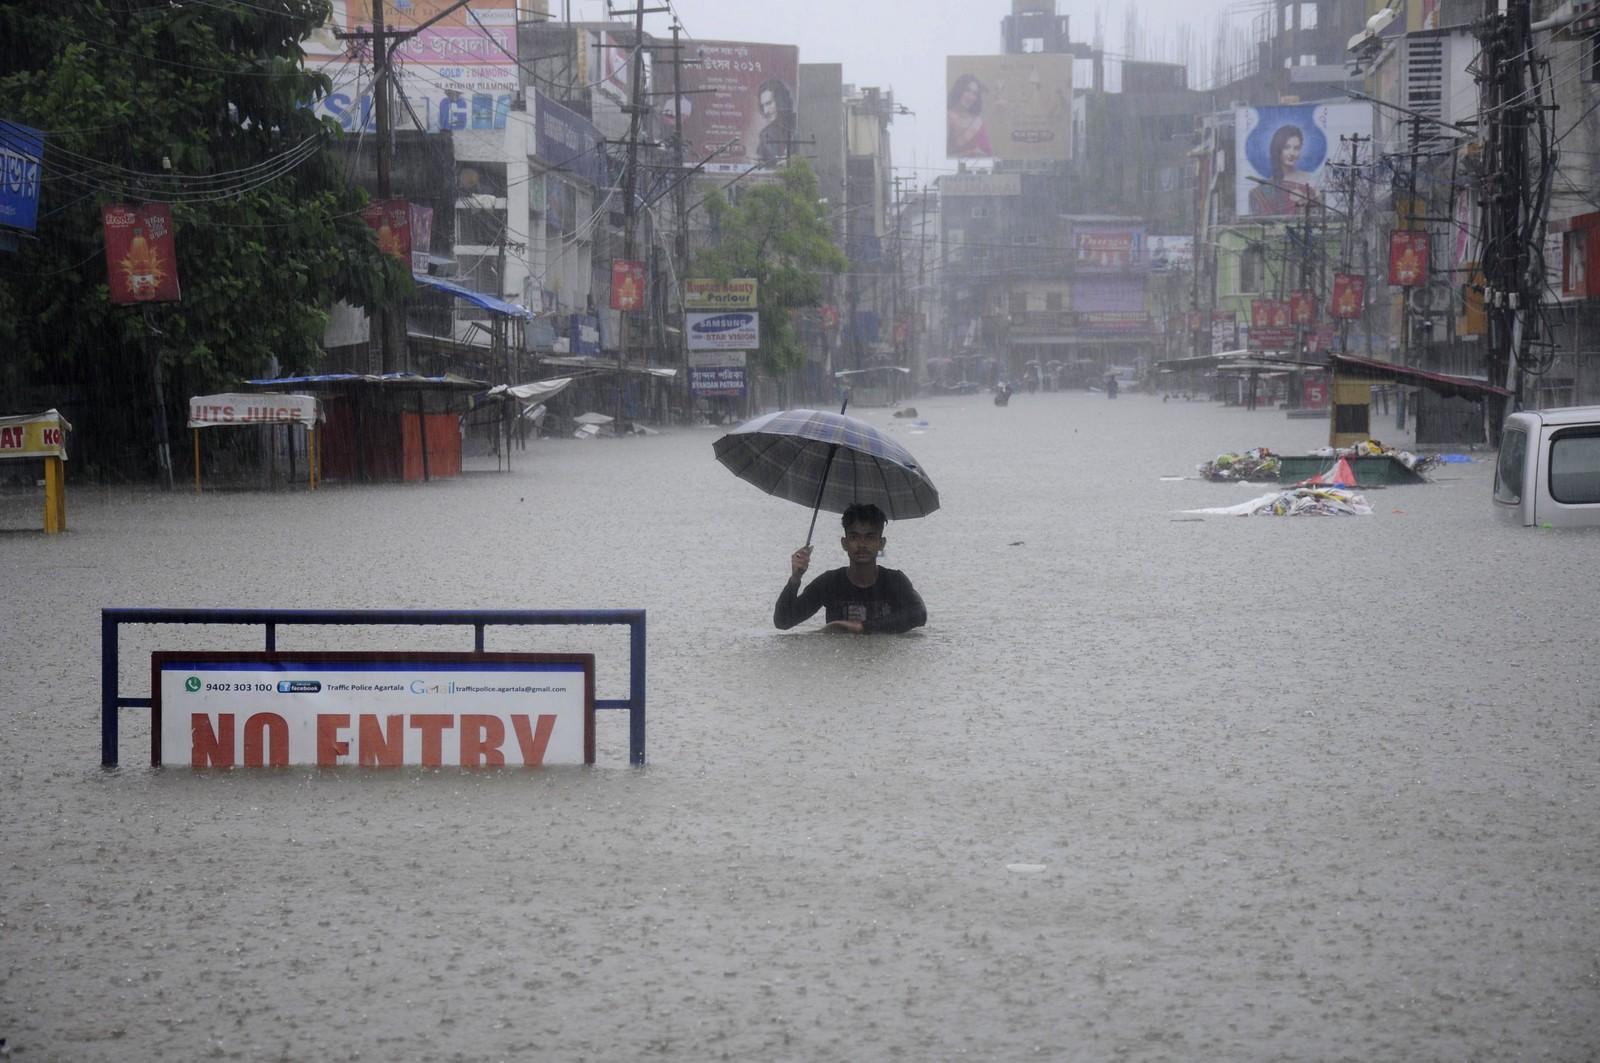 En mann med paraply i en oversvømt gate i Agartala, hovedstaden i den nordøstlige delstaten Tripura i India.